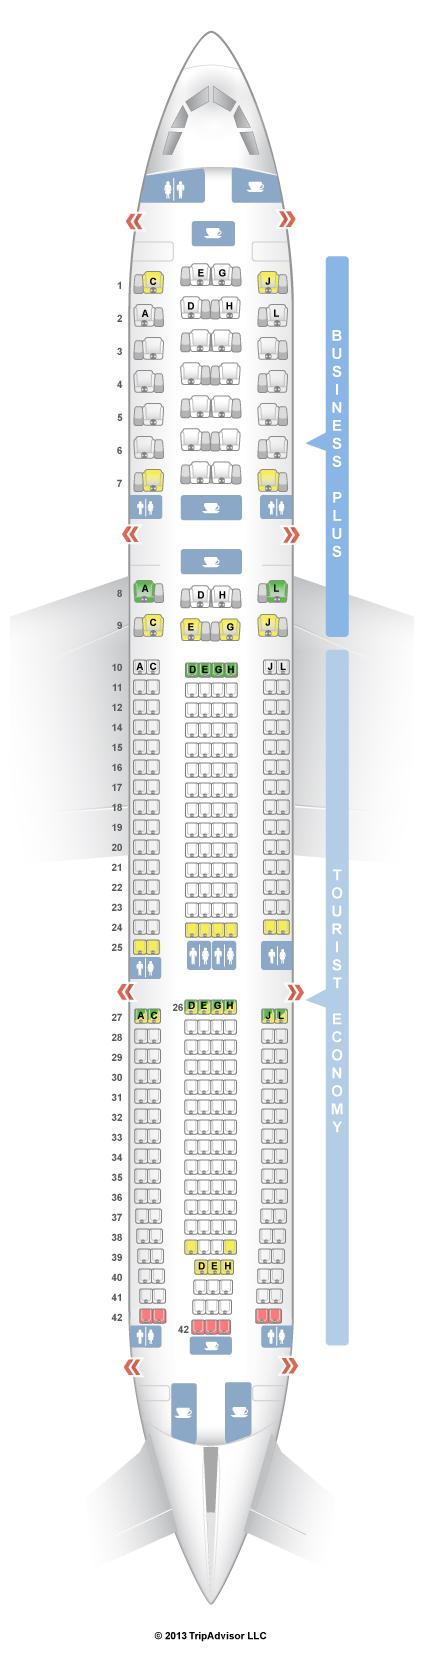 seatguru seat map iberia airbus a330 300 333 v1